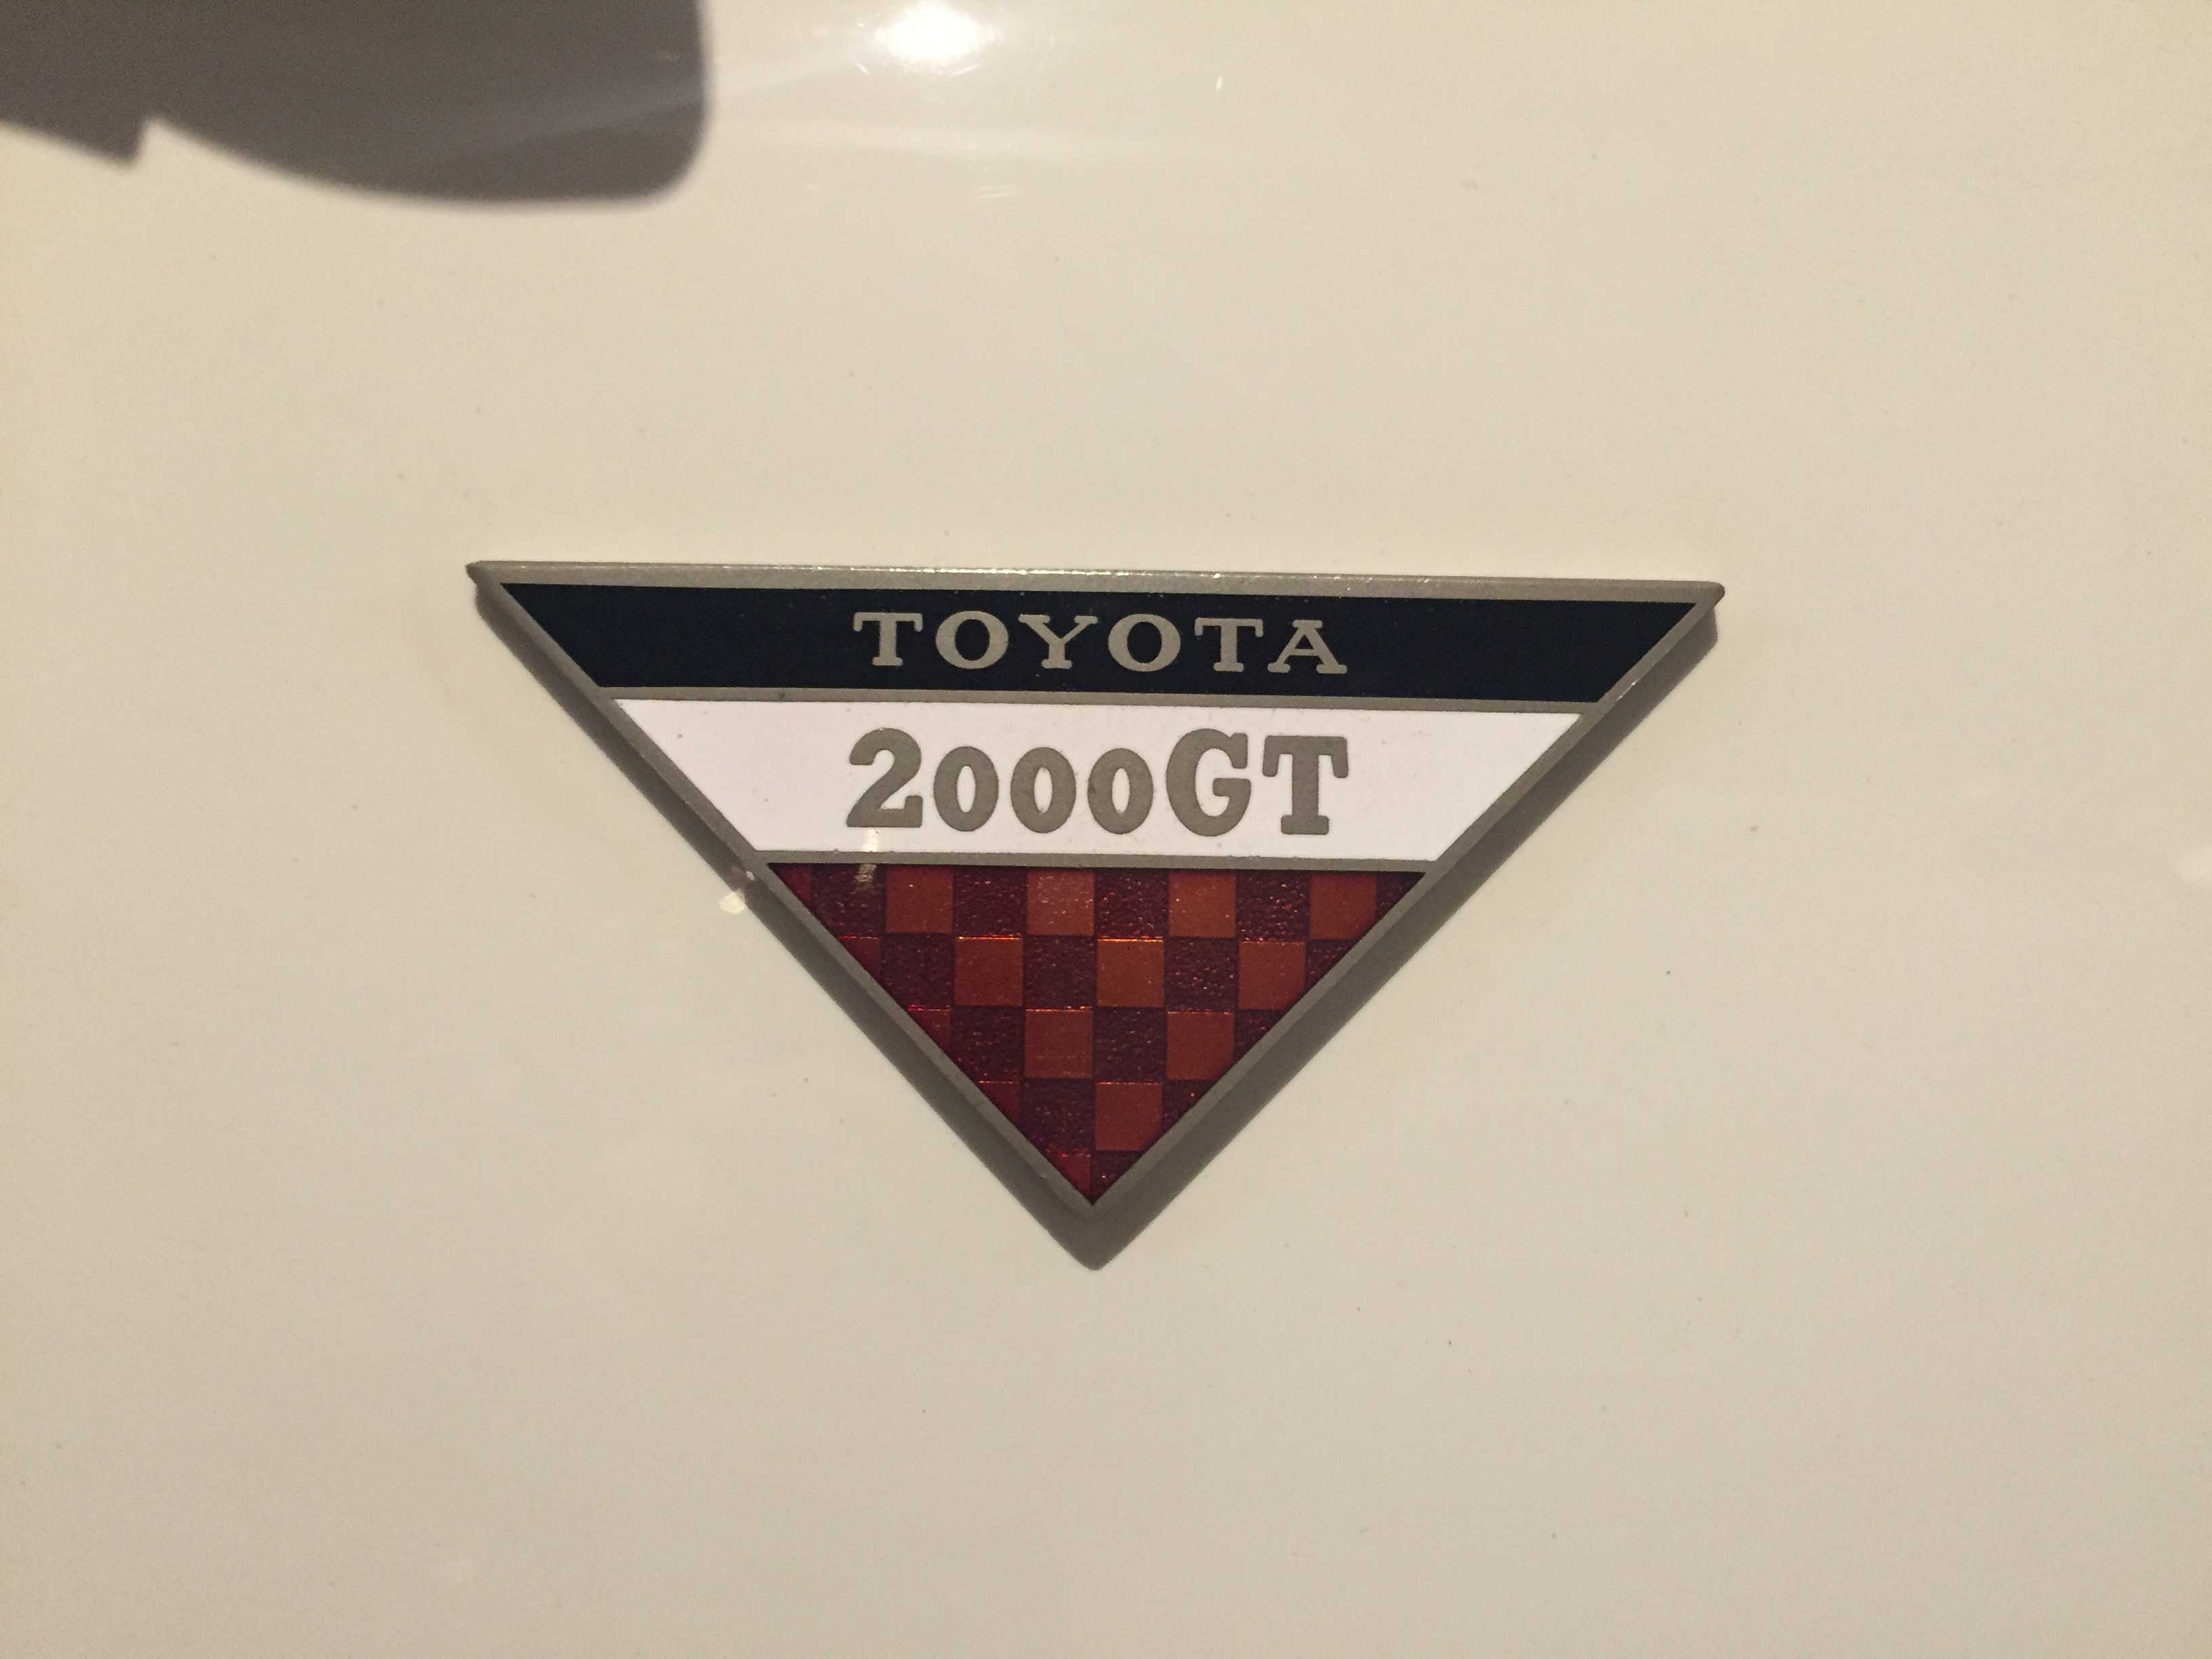 トヨタ 2000GTのエンブレム